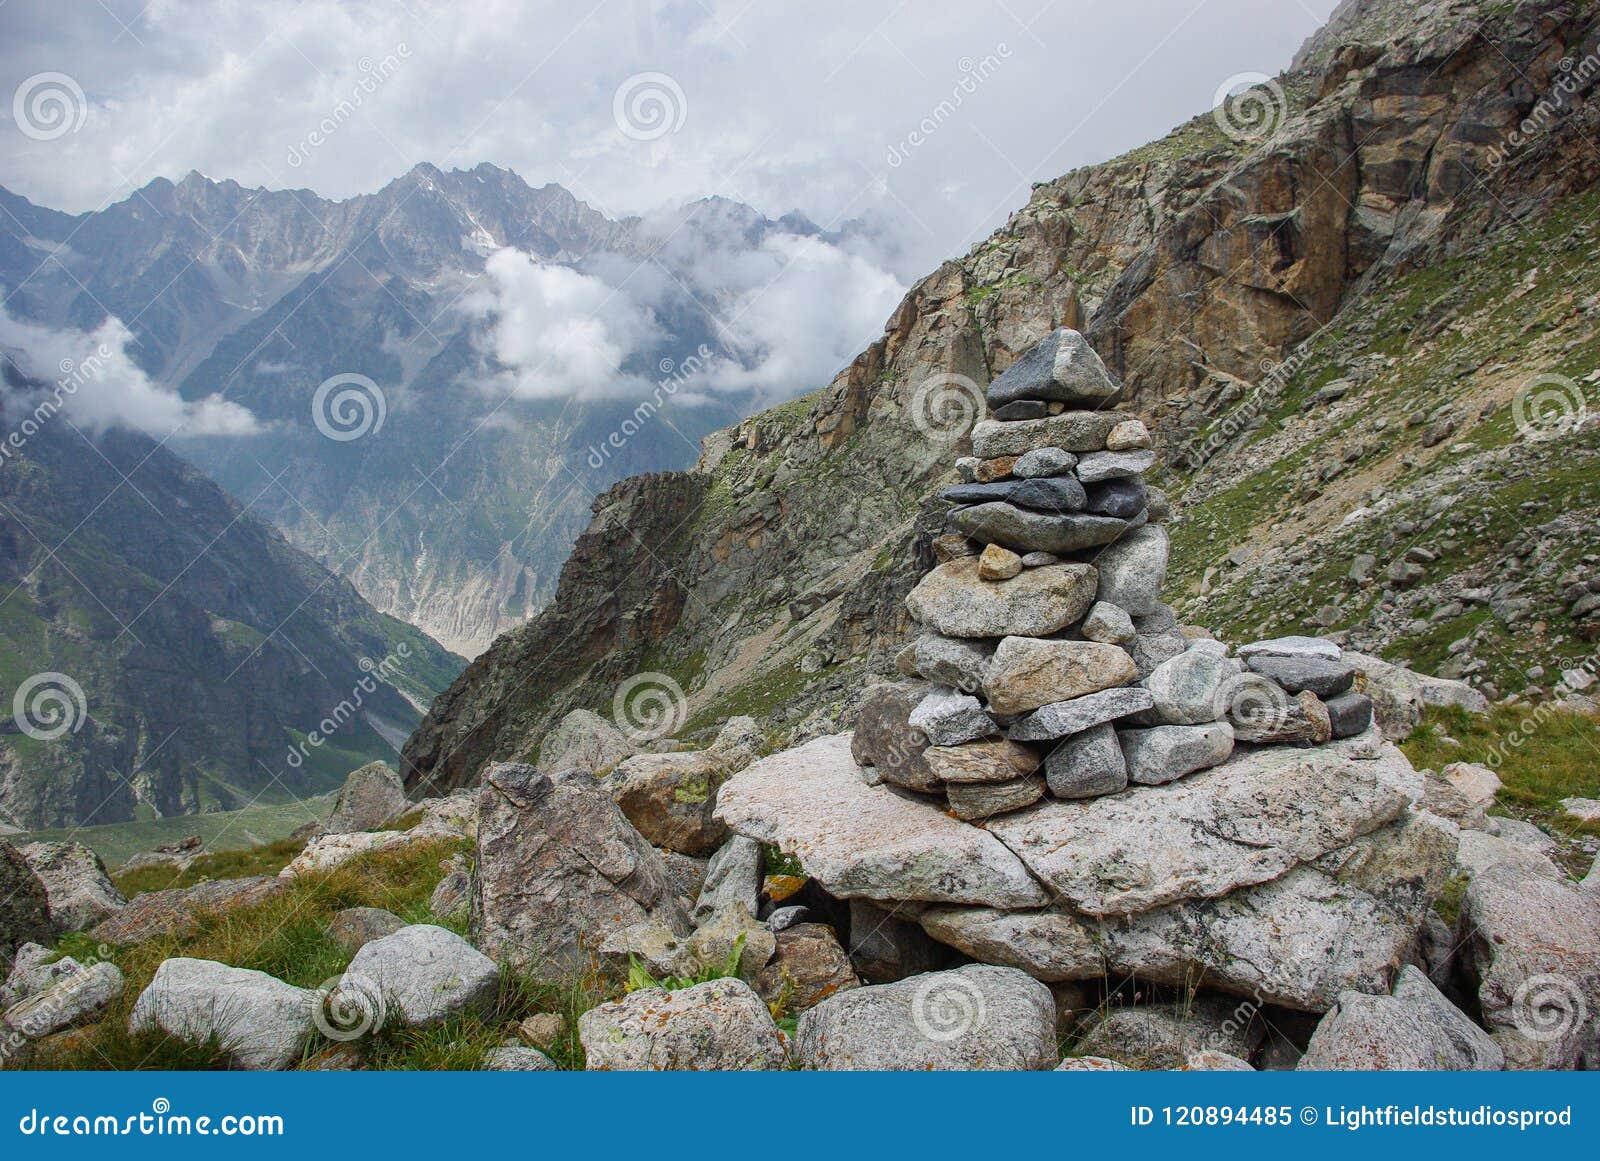 Entsteint Architektur in der Bergrussischen Föderation, Kaukasus,